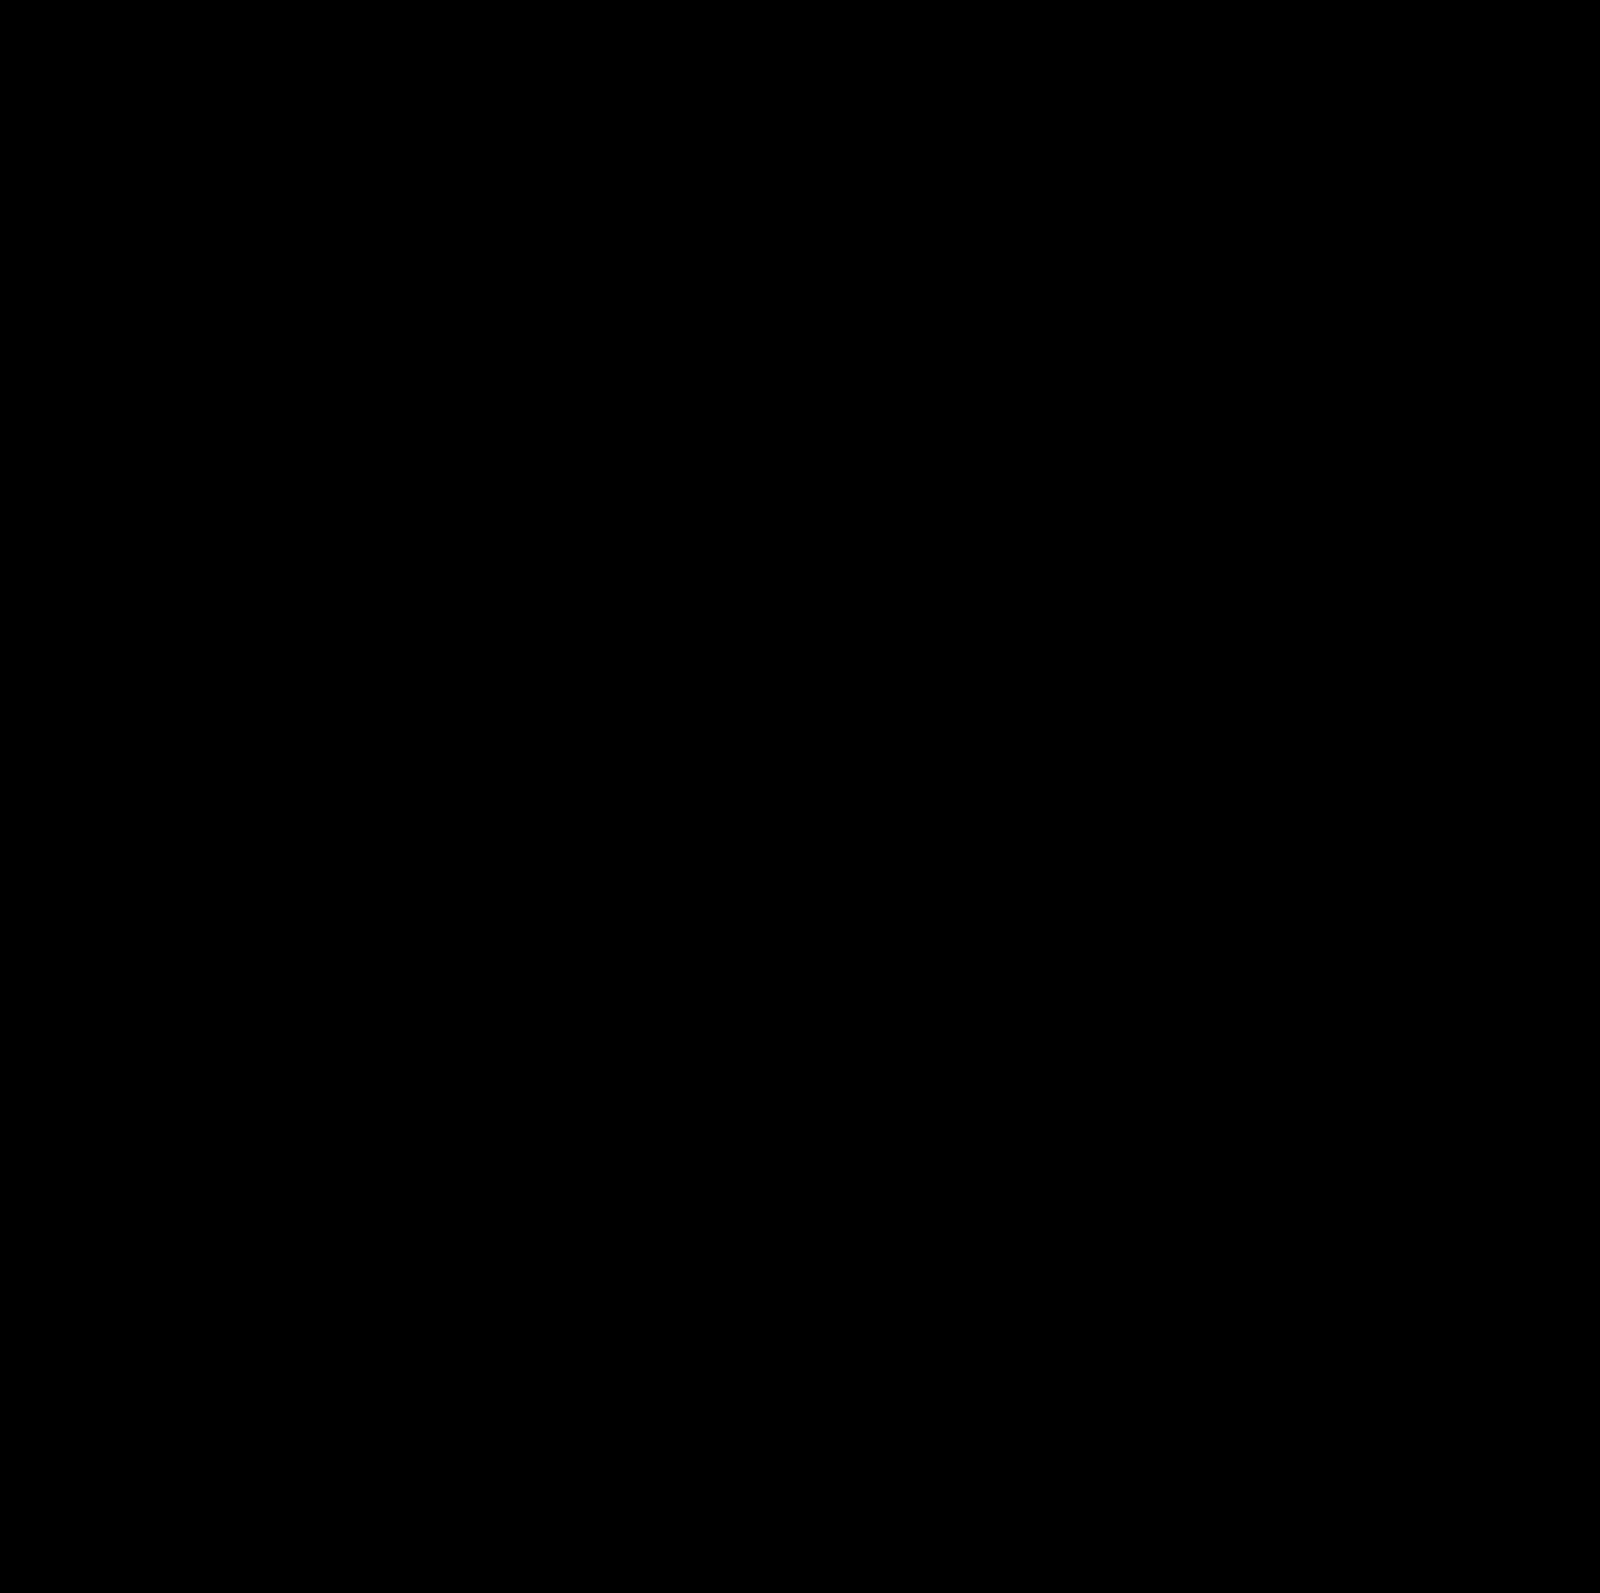 Les eaux de Mars I – Huile sur papier marouflé sur toile 115×115 cm 2017